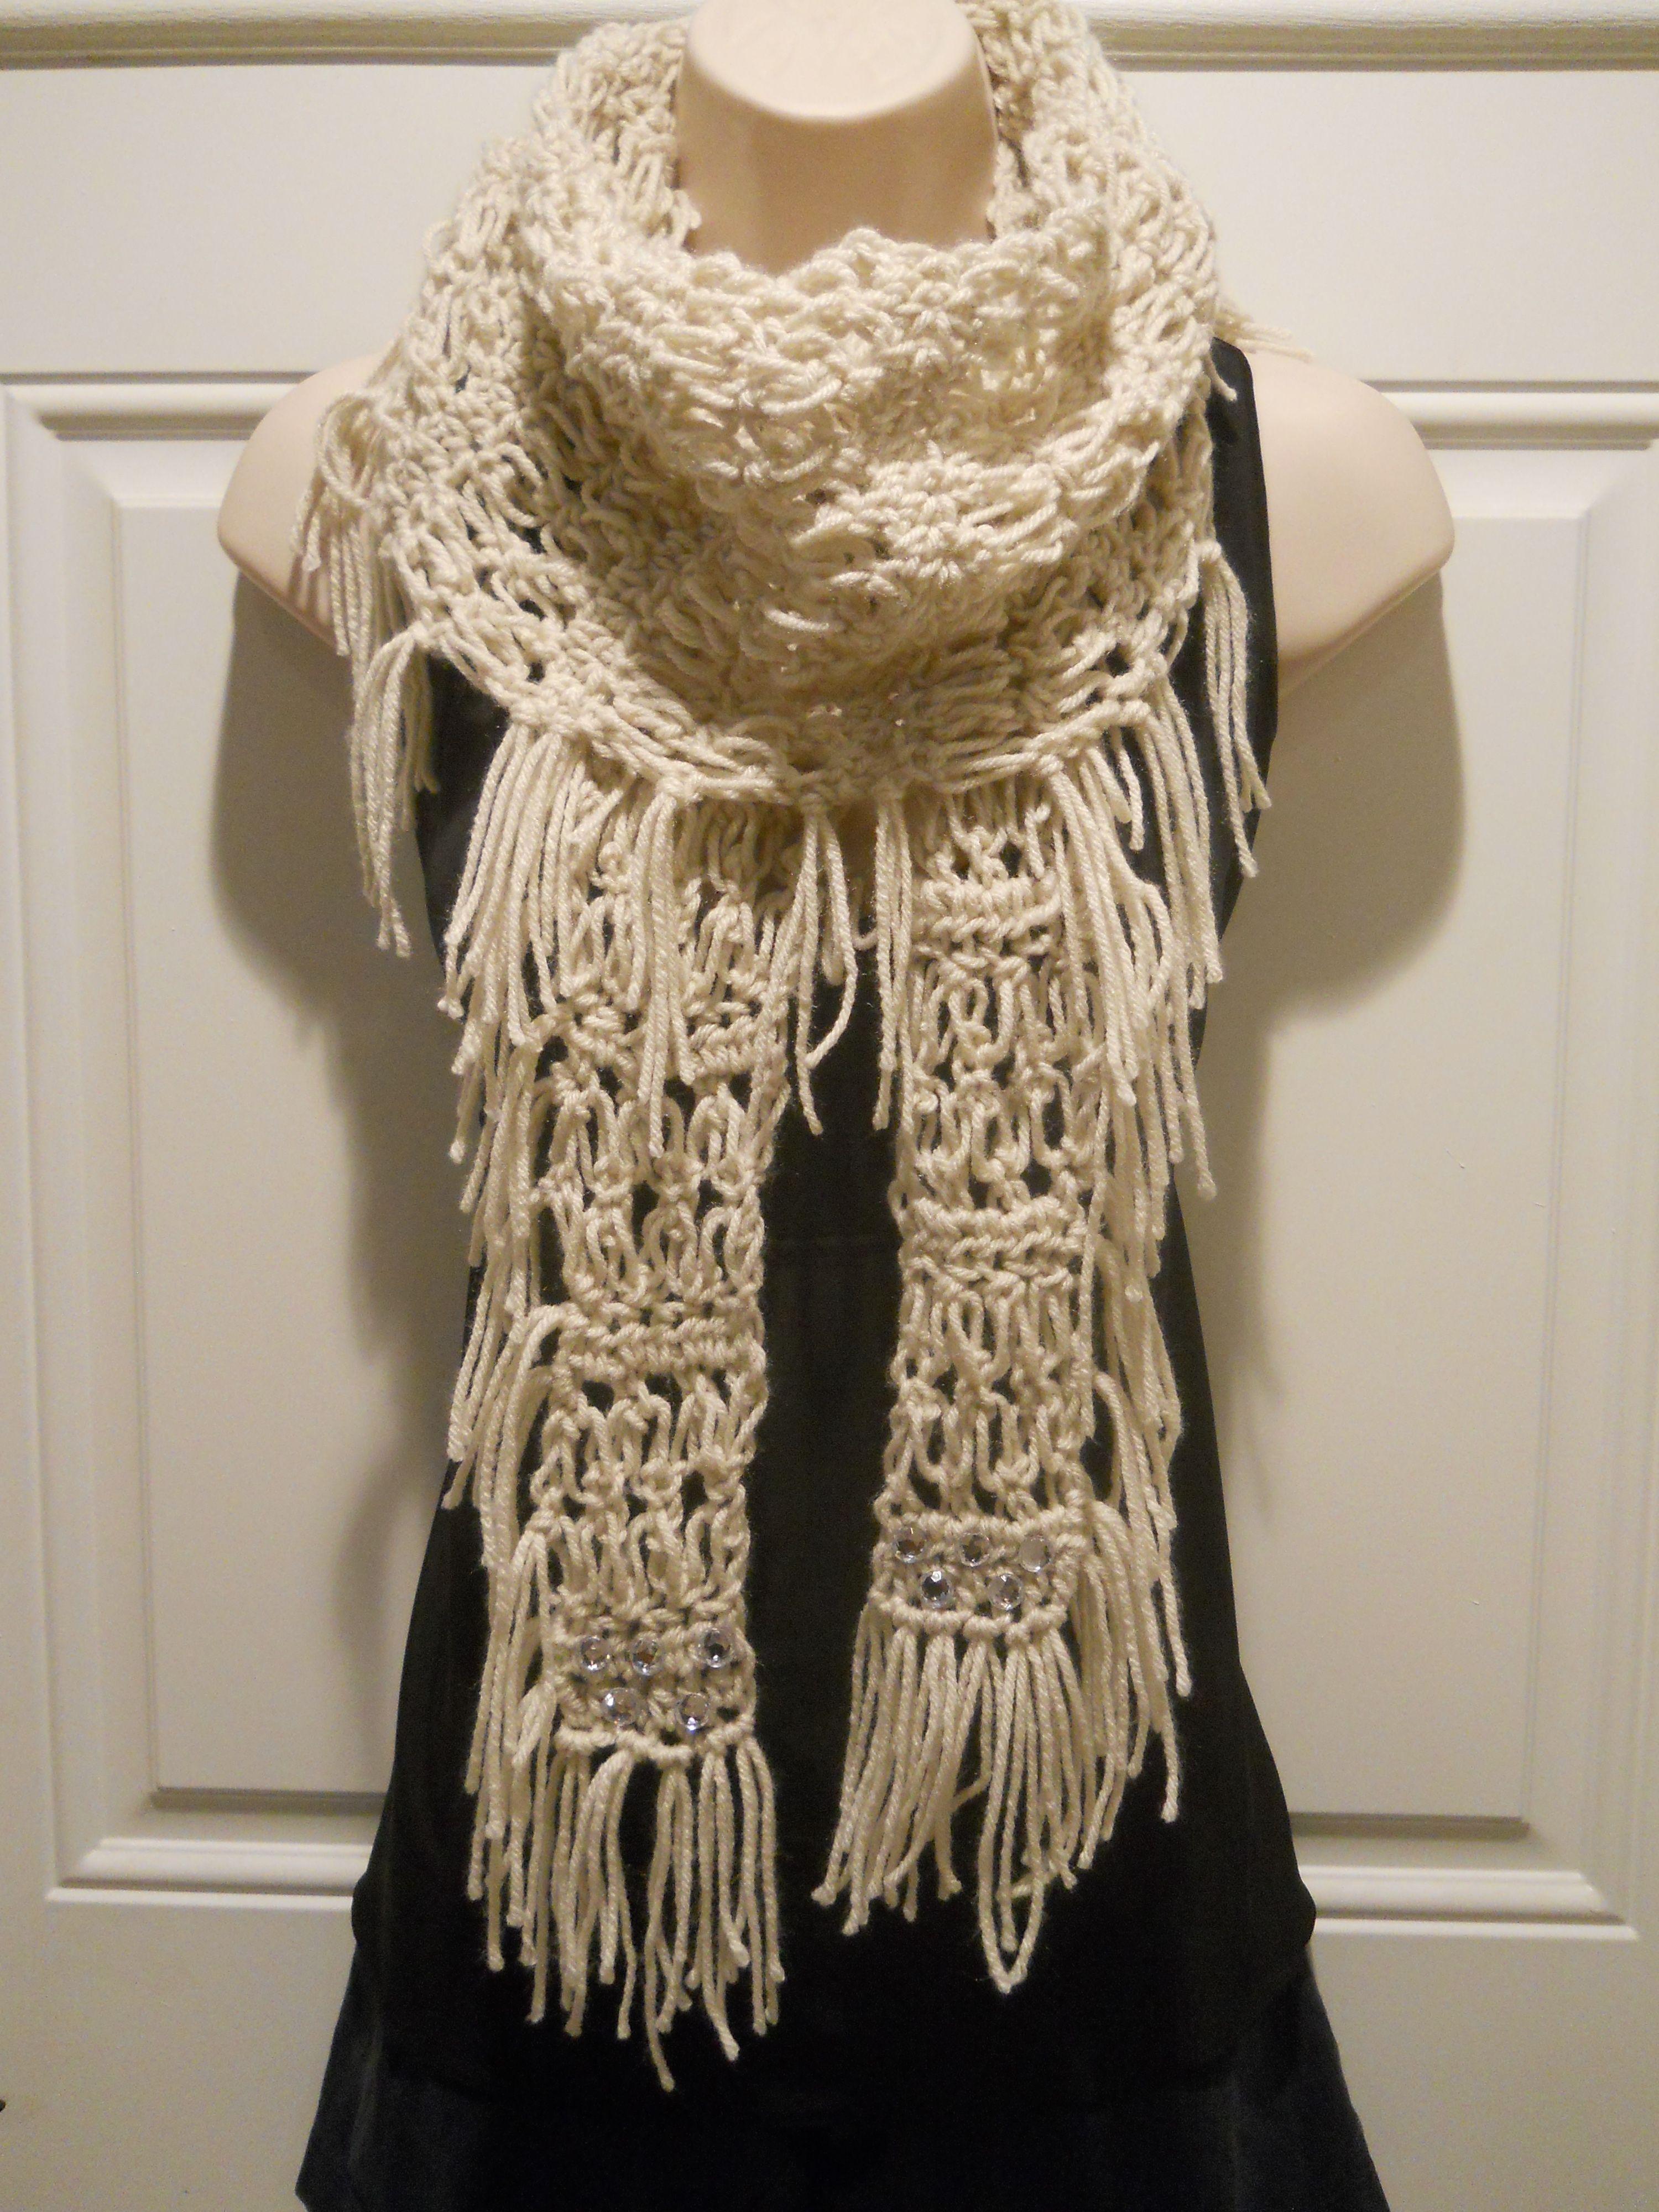 Crochet Knot Stitch Shawl : Pin by Holly McVey on Crochet & knit Pinterest